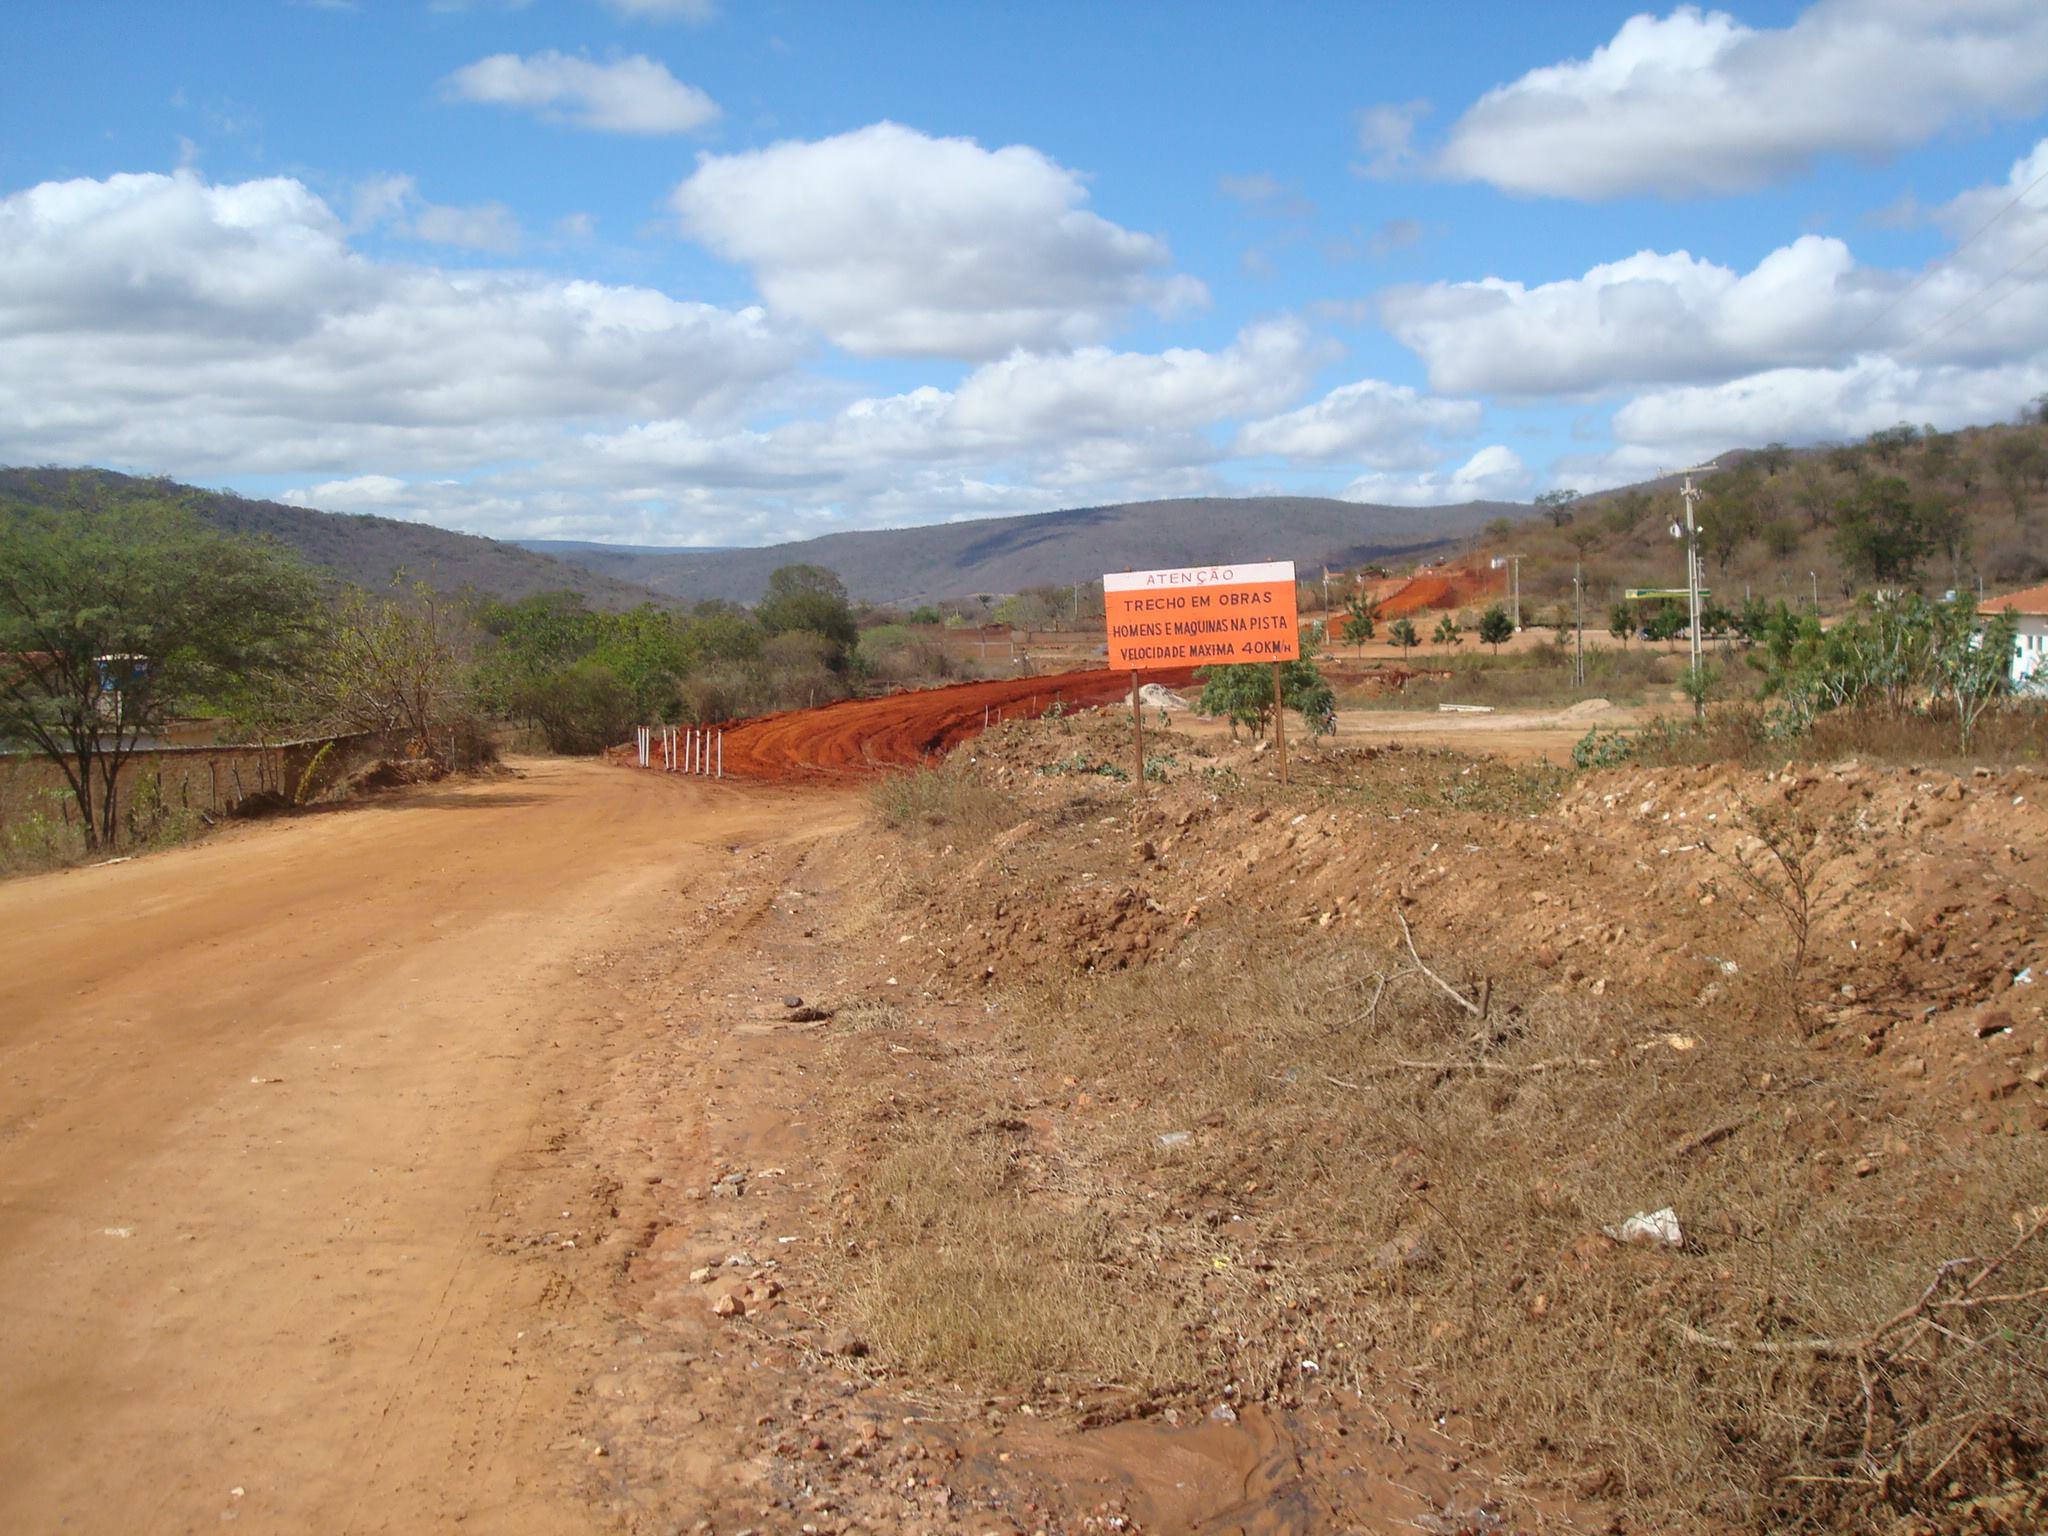 Fotos-uit-de-regio-van-Ibitiara-en-Seabra-aan-de-grote-BR-242-41